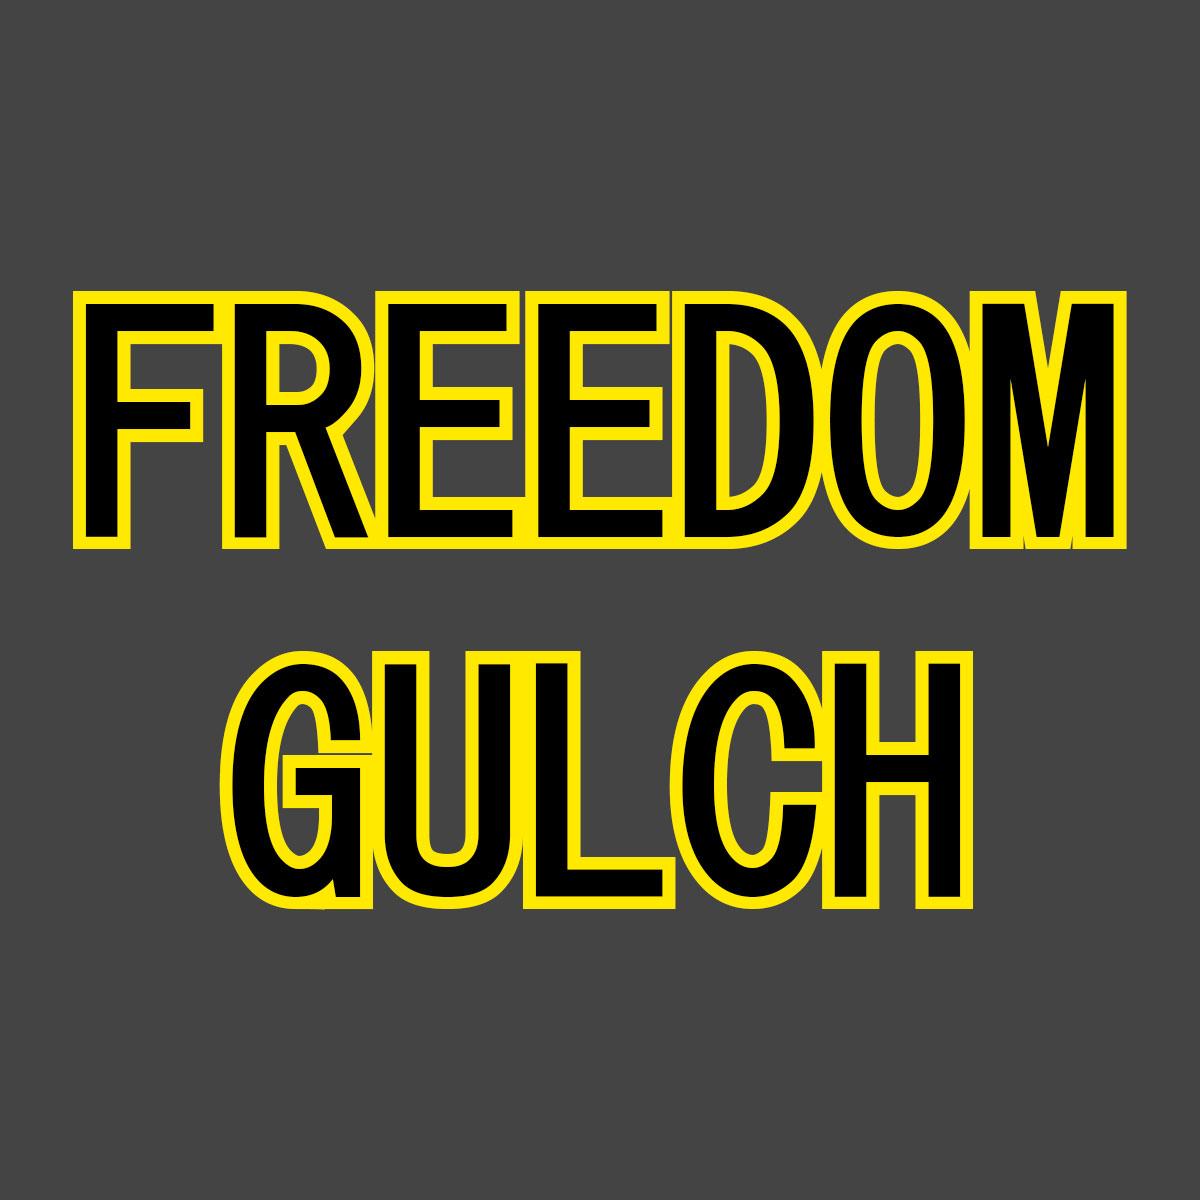 Freedom Gulch